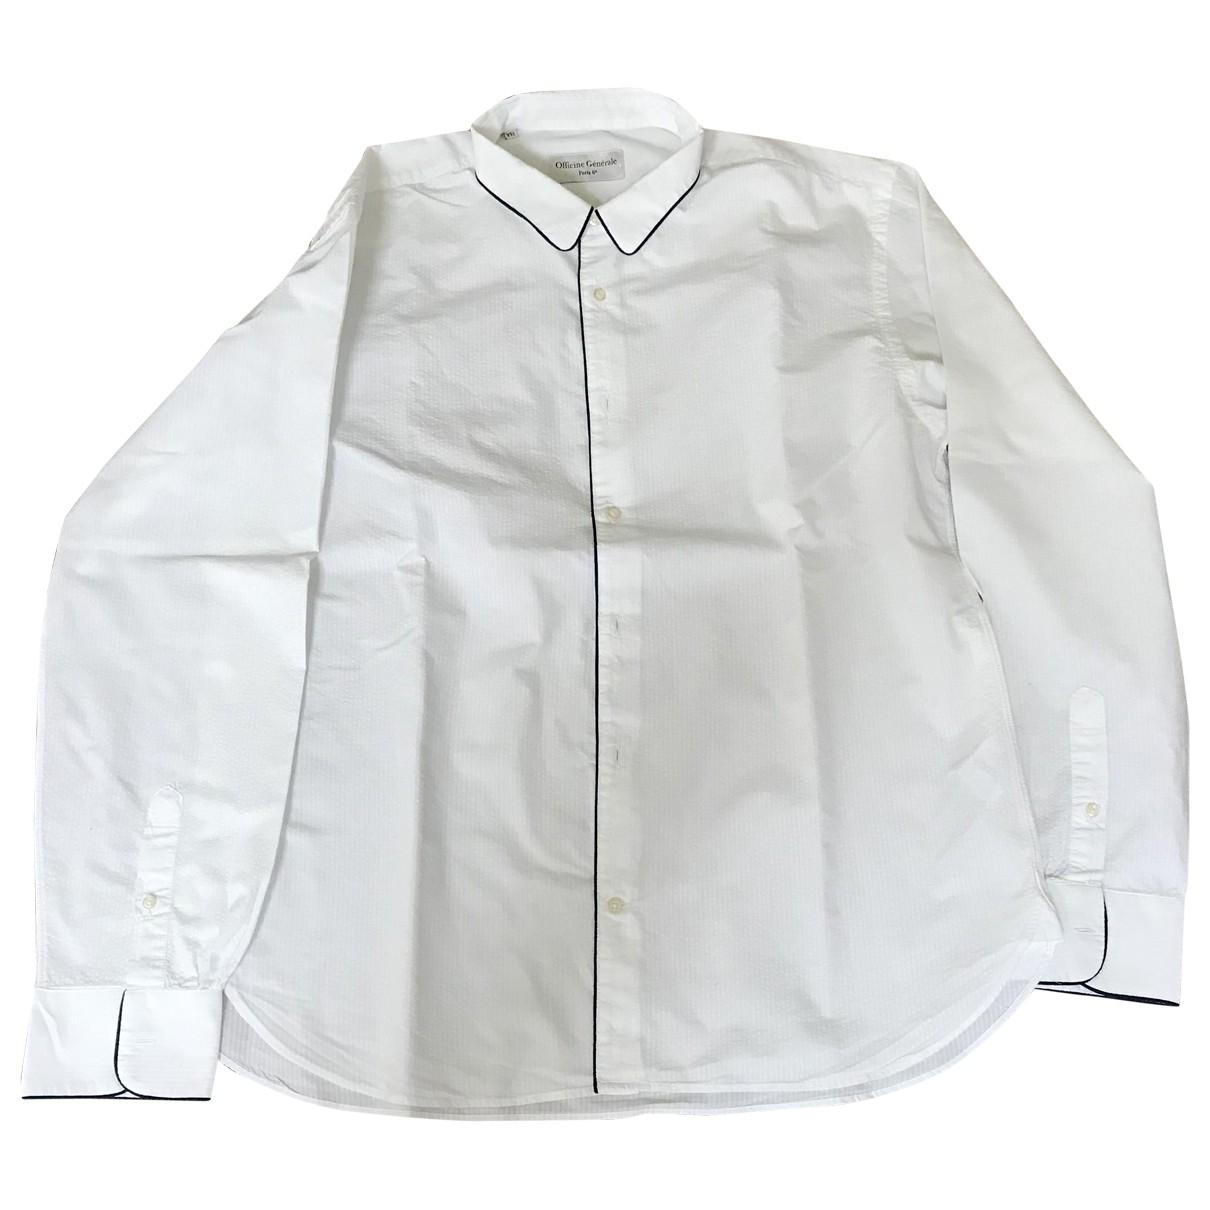 Officine Generale \N Hemden in  Weiss Baumwolle